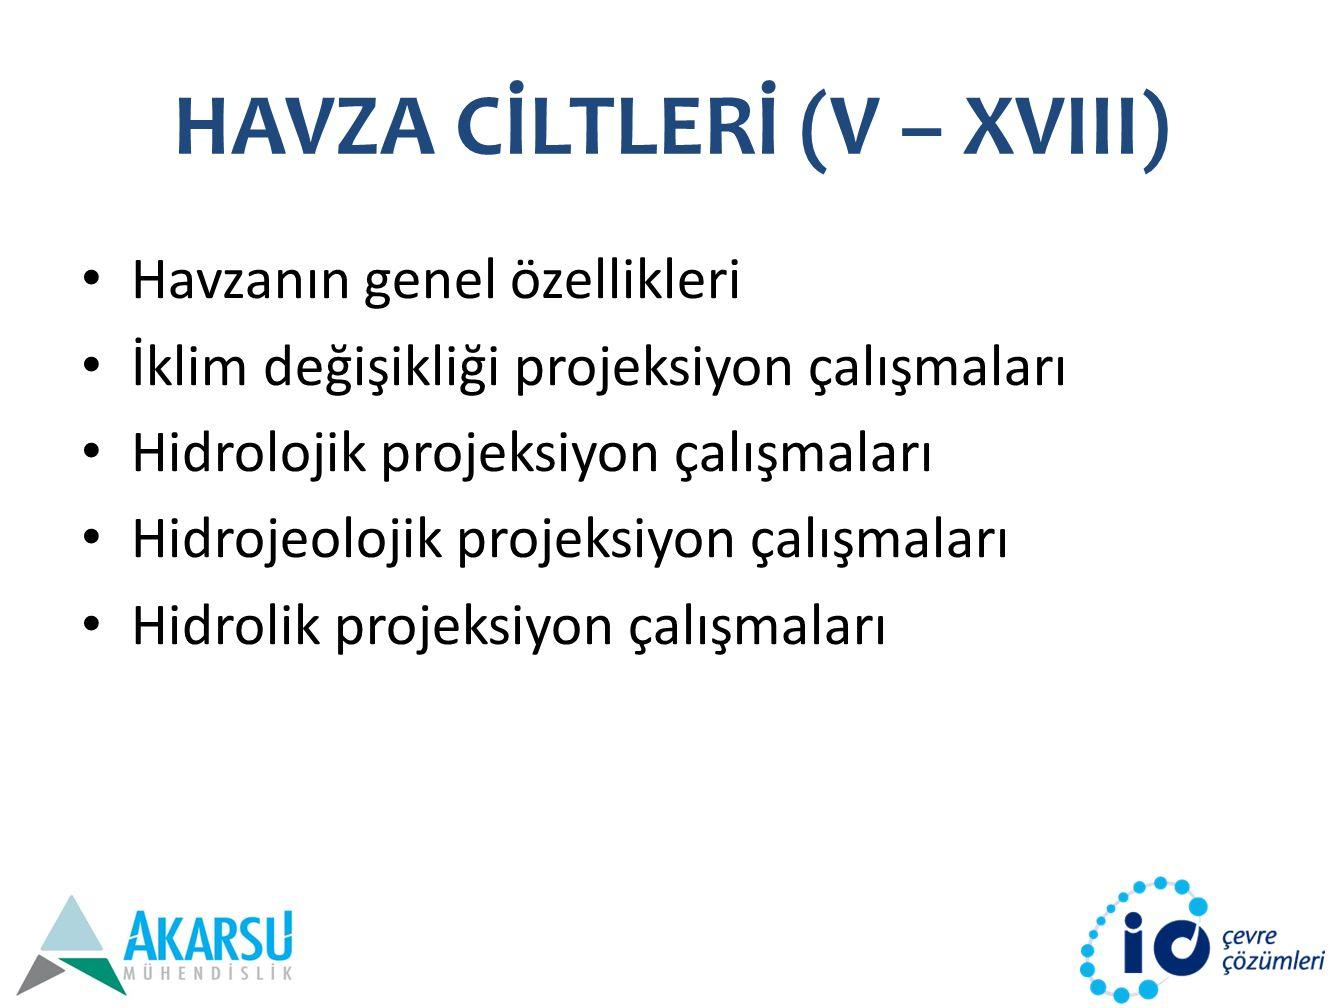 HAVZA CİLTLERİ (V – XVIII) Havzanın genel özellikleri İklim değişikliği projeksiyon çalışmaları Hidrolojik projeksiyon çalışmaları Hidrojeolojik projeksiyon çalışmaları Hidrolik projeksiyon çalışmaları